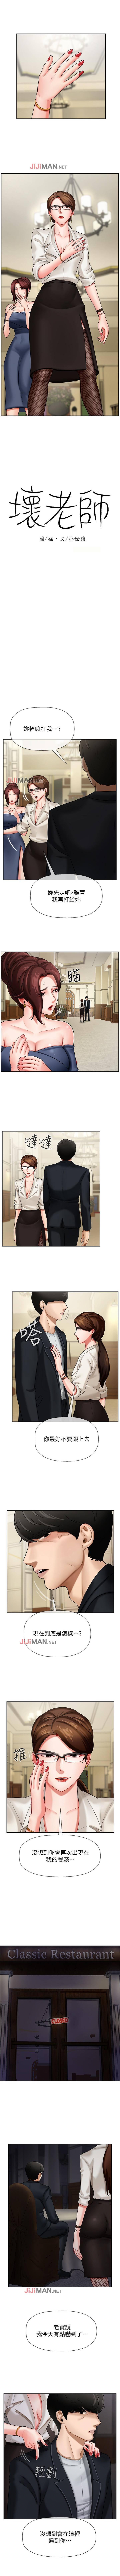 【已休刊】坏老师(作者:朴世談&福) 第1~31话 26